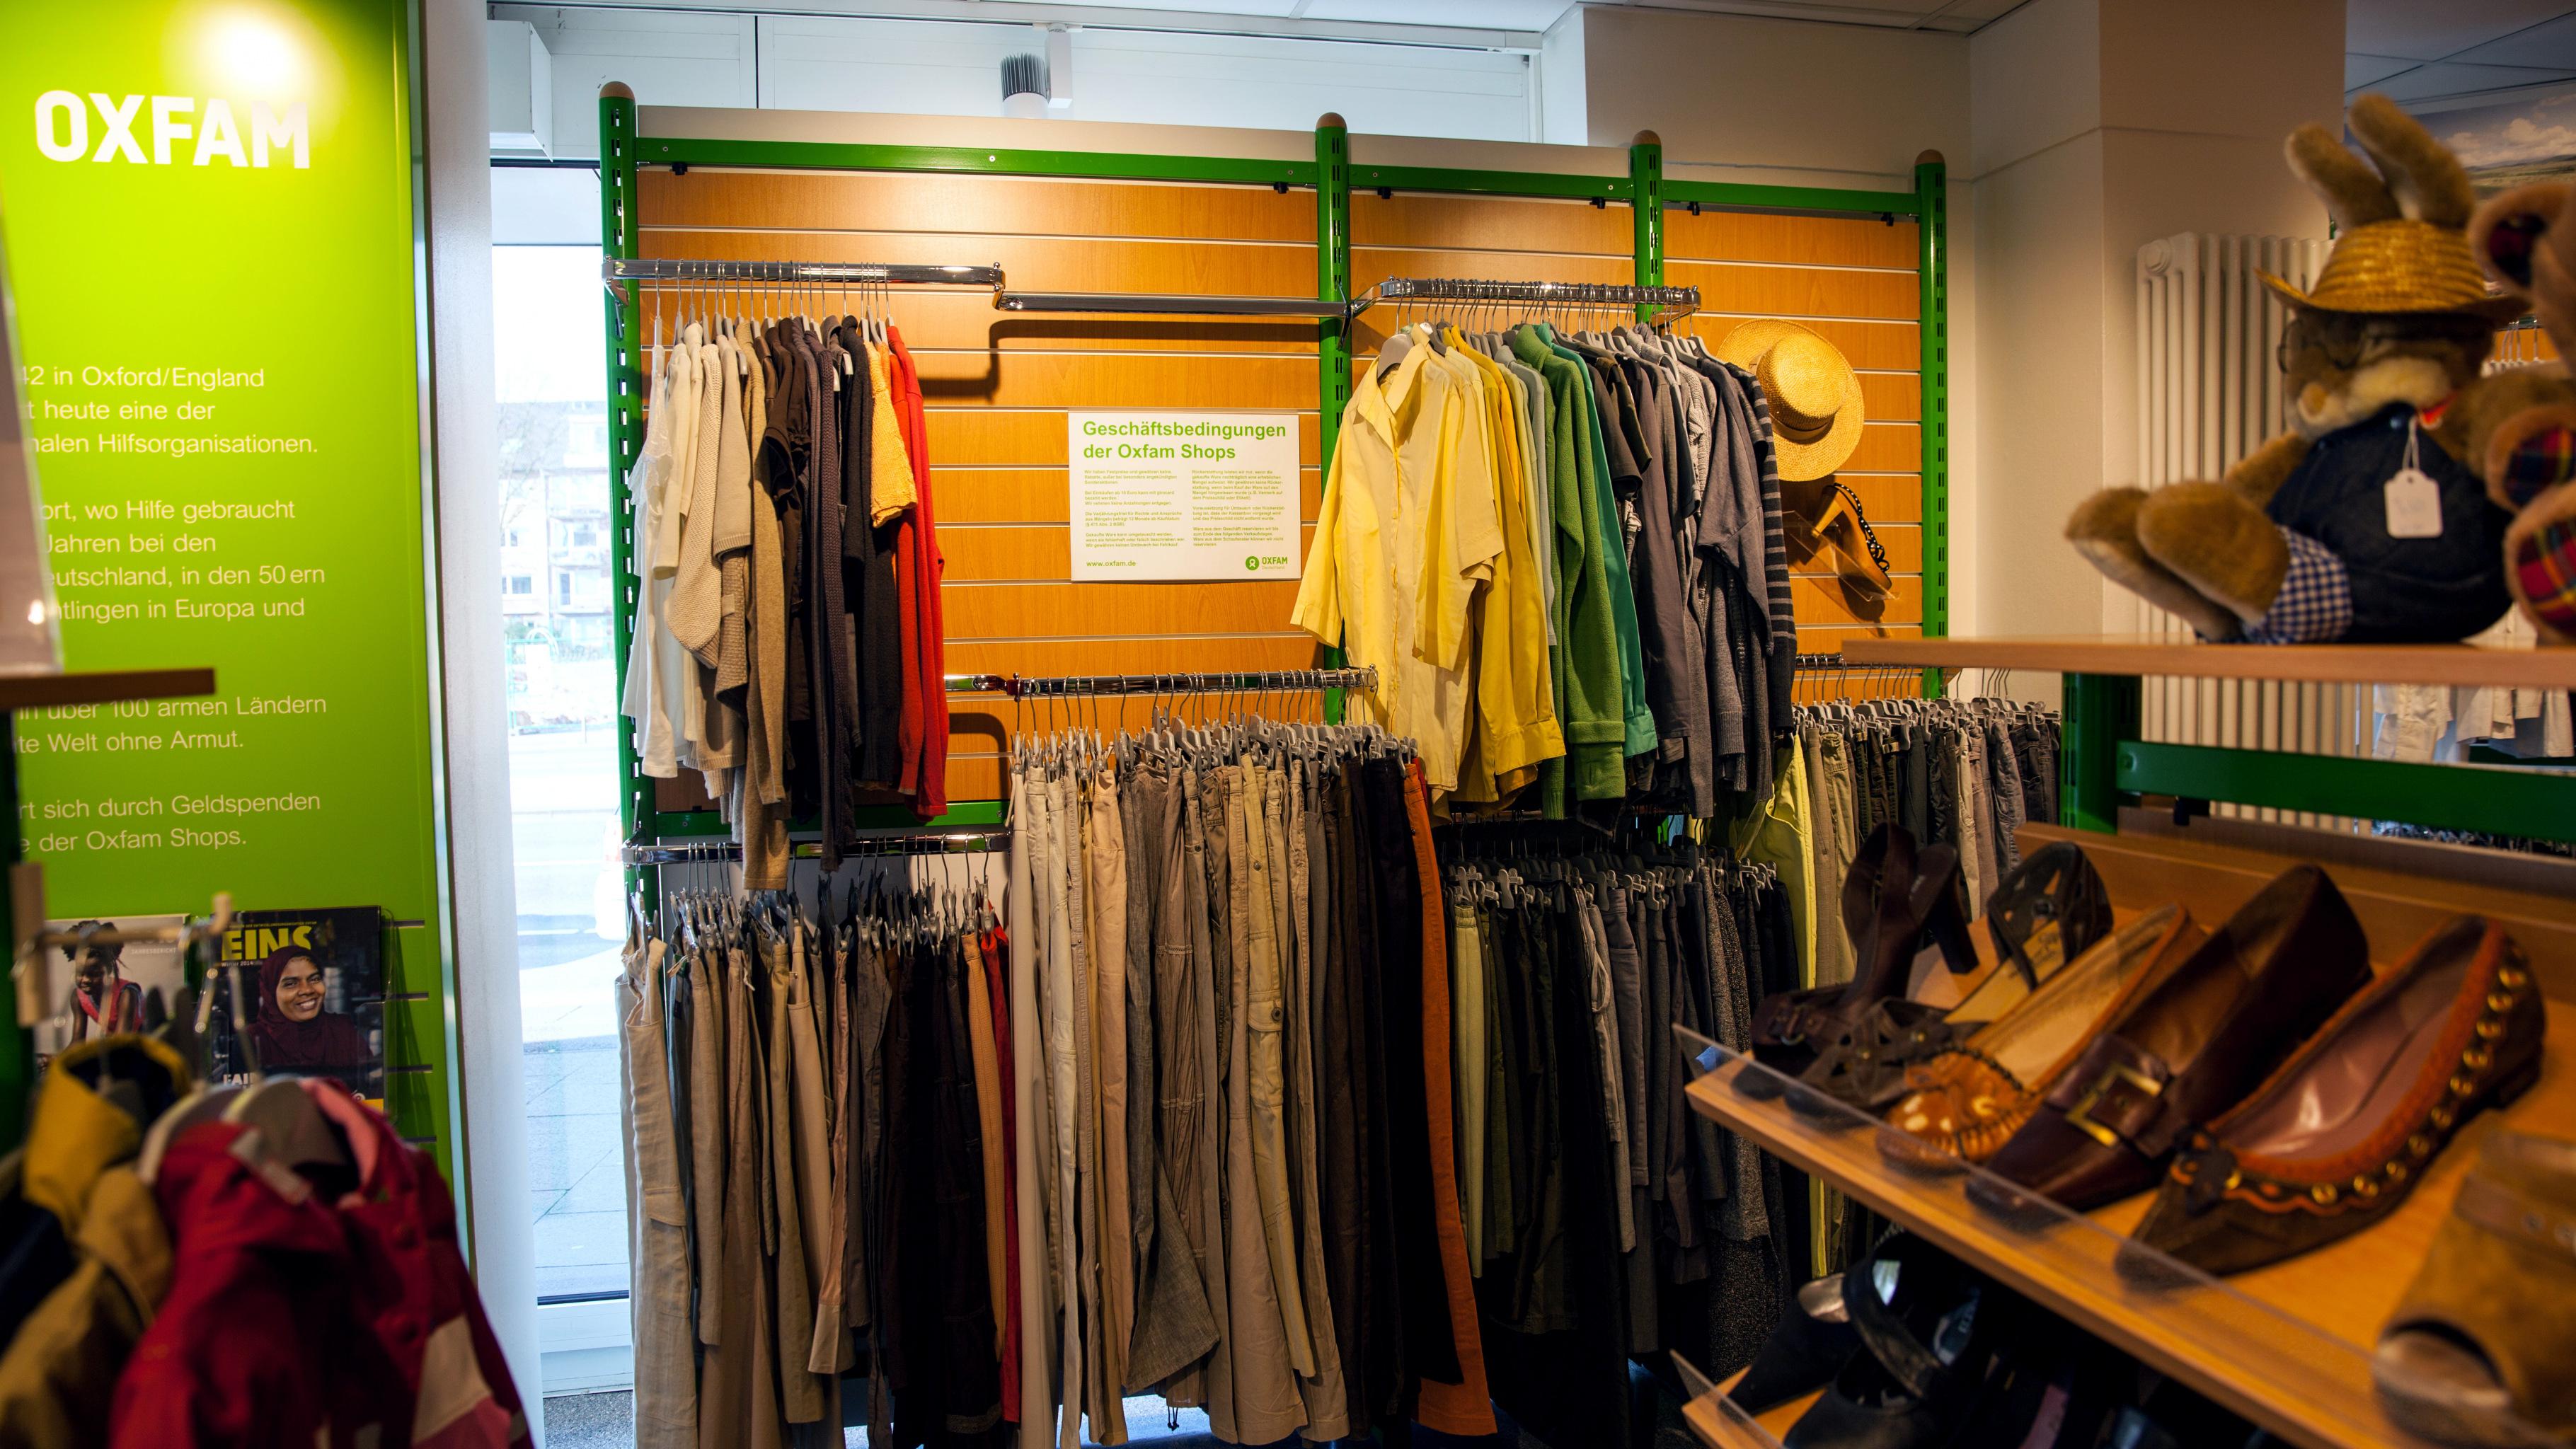 Oxfam Shop Hamburg-Hoheluft - Innenansicht